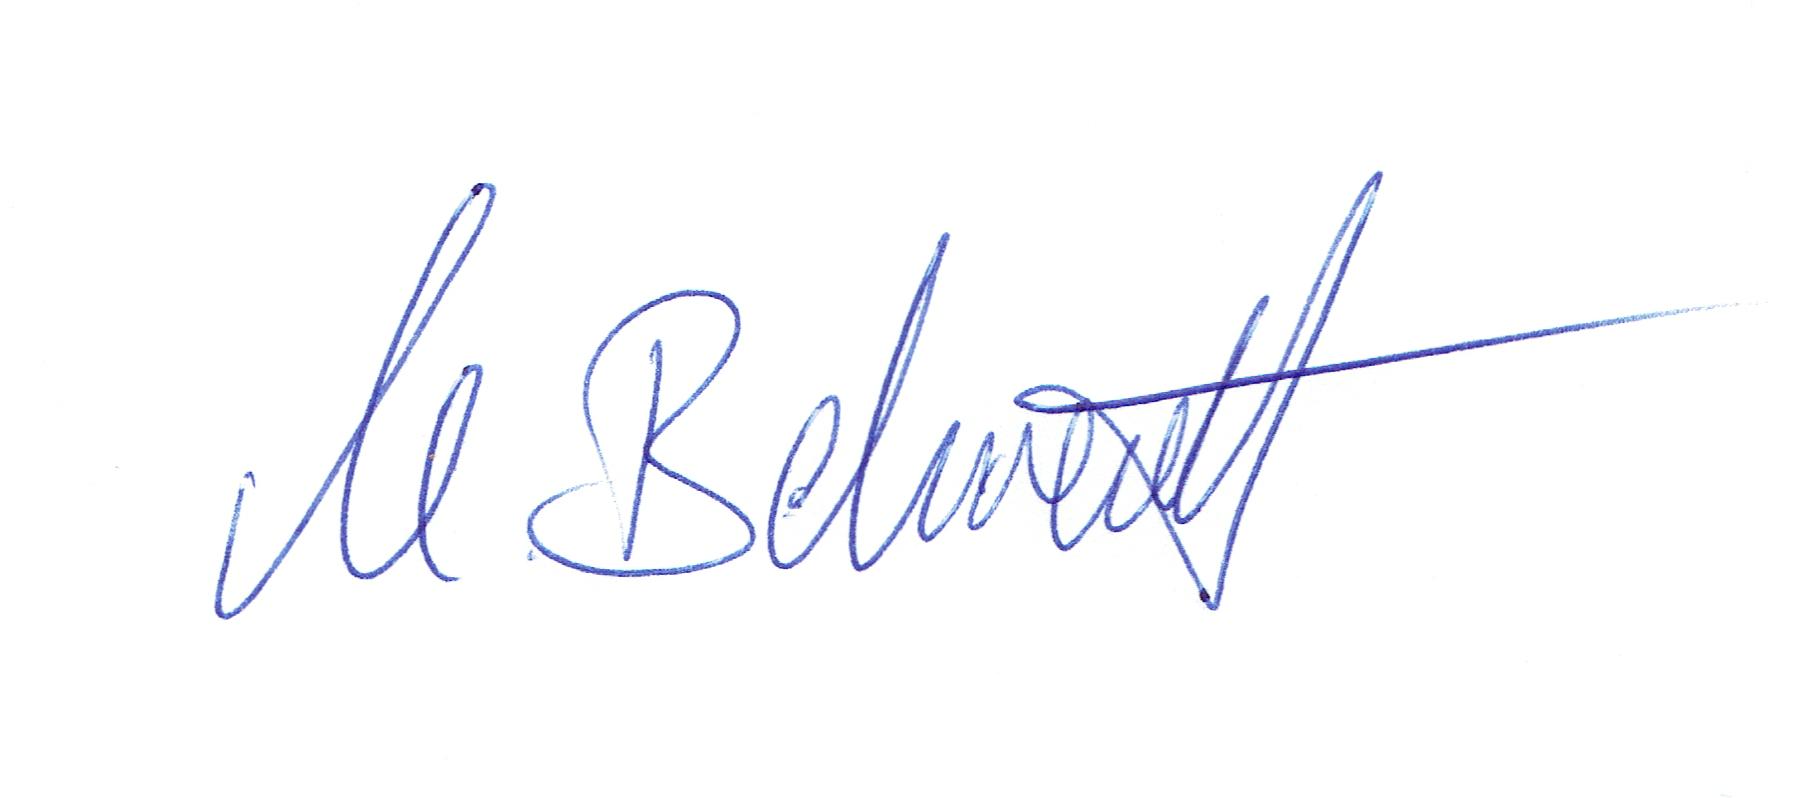 Unterschrift Martin Behrendt